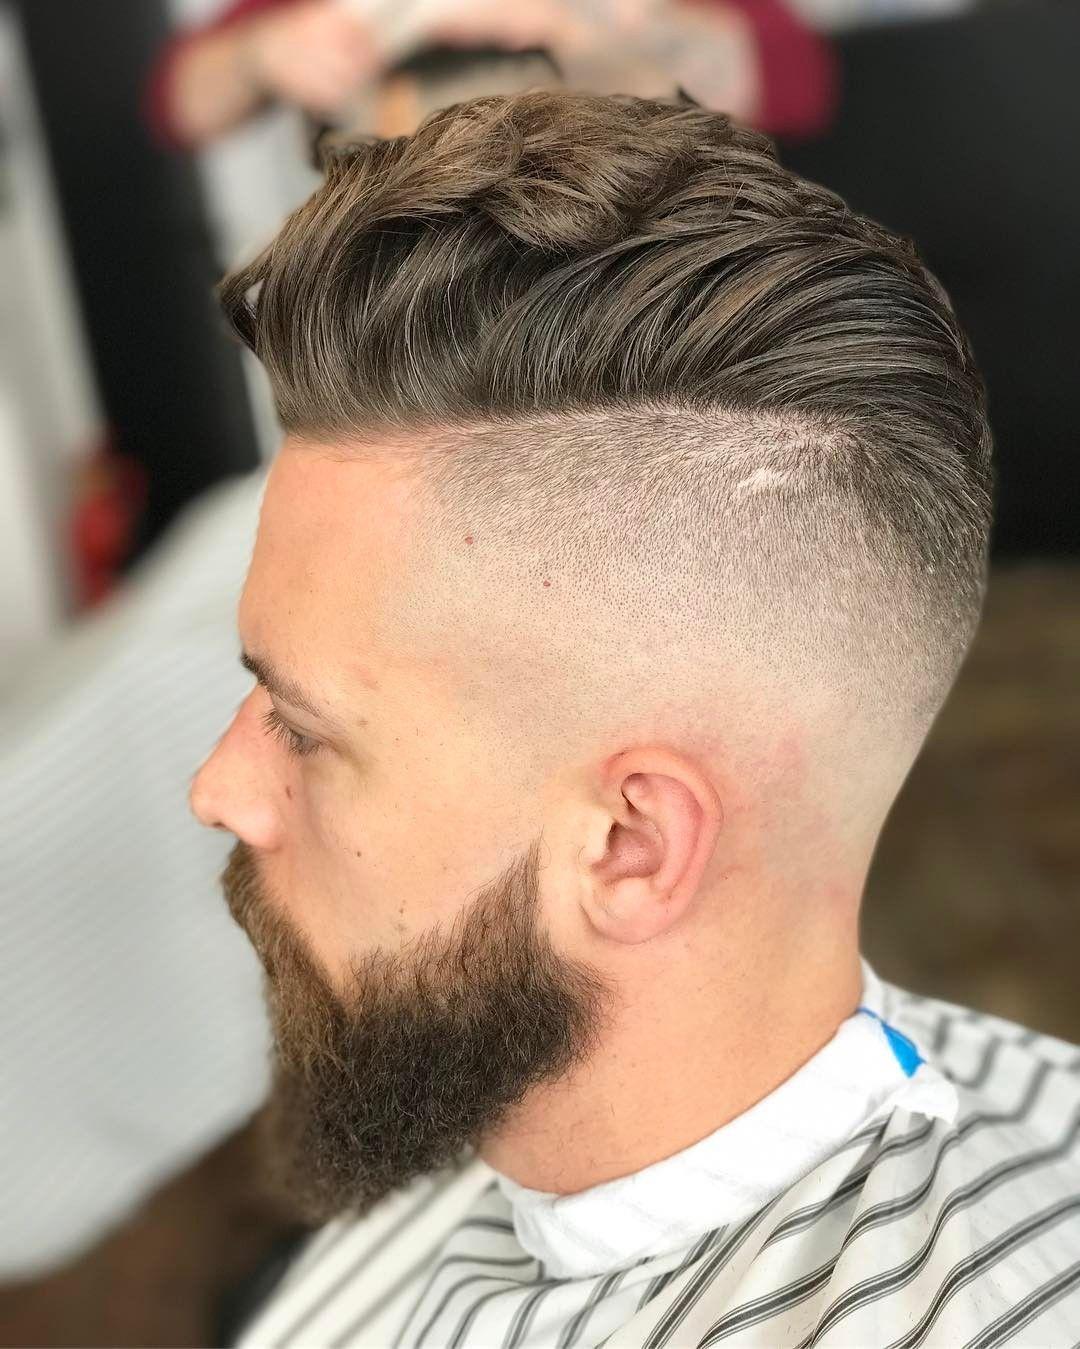 Pompadour Haarschnitte Frisur Frisuren In 2020 Mens Hairstyles Pompadour Pompadour Haircut Pompadour Hairstyle